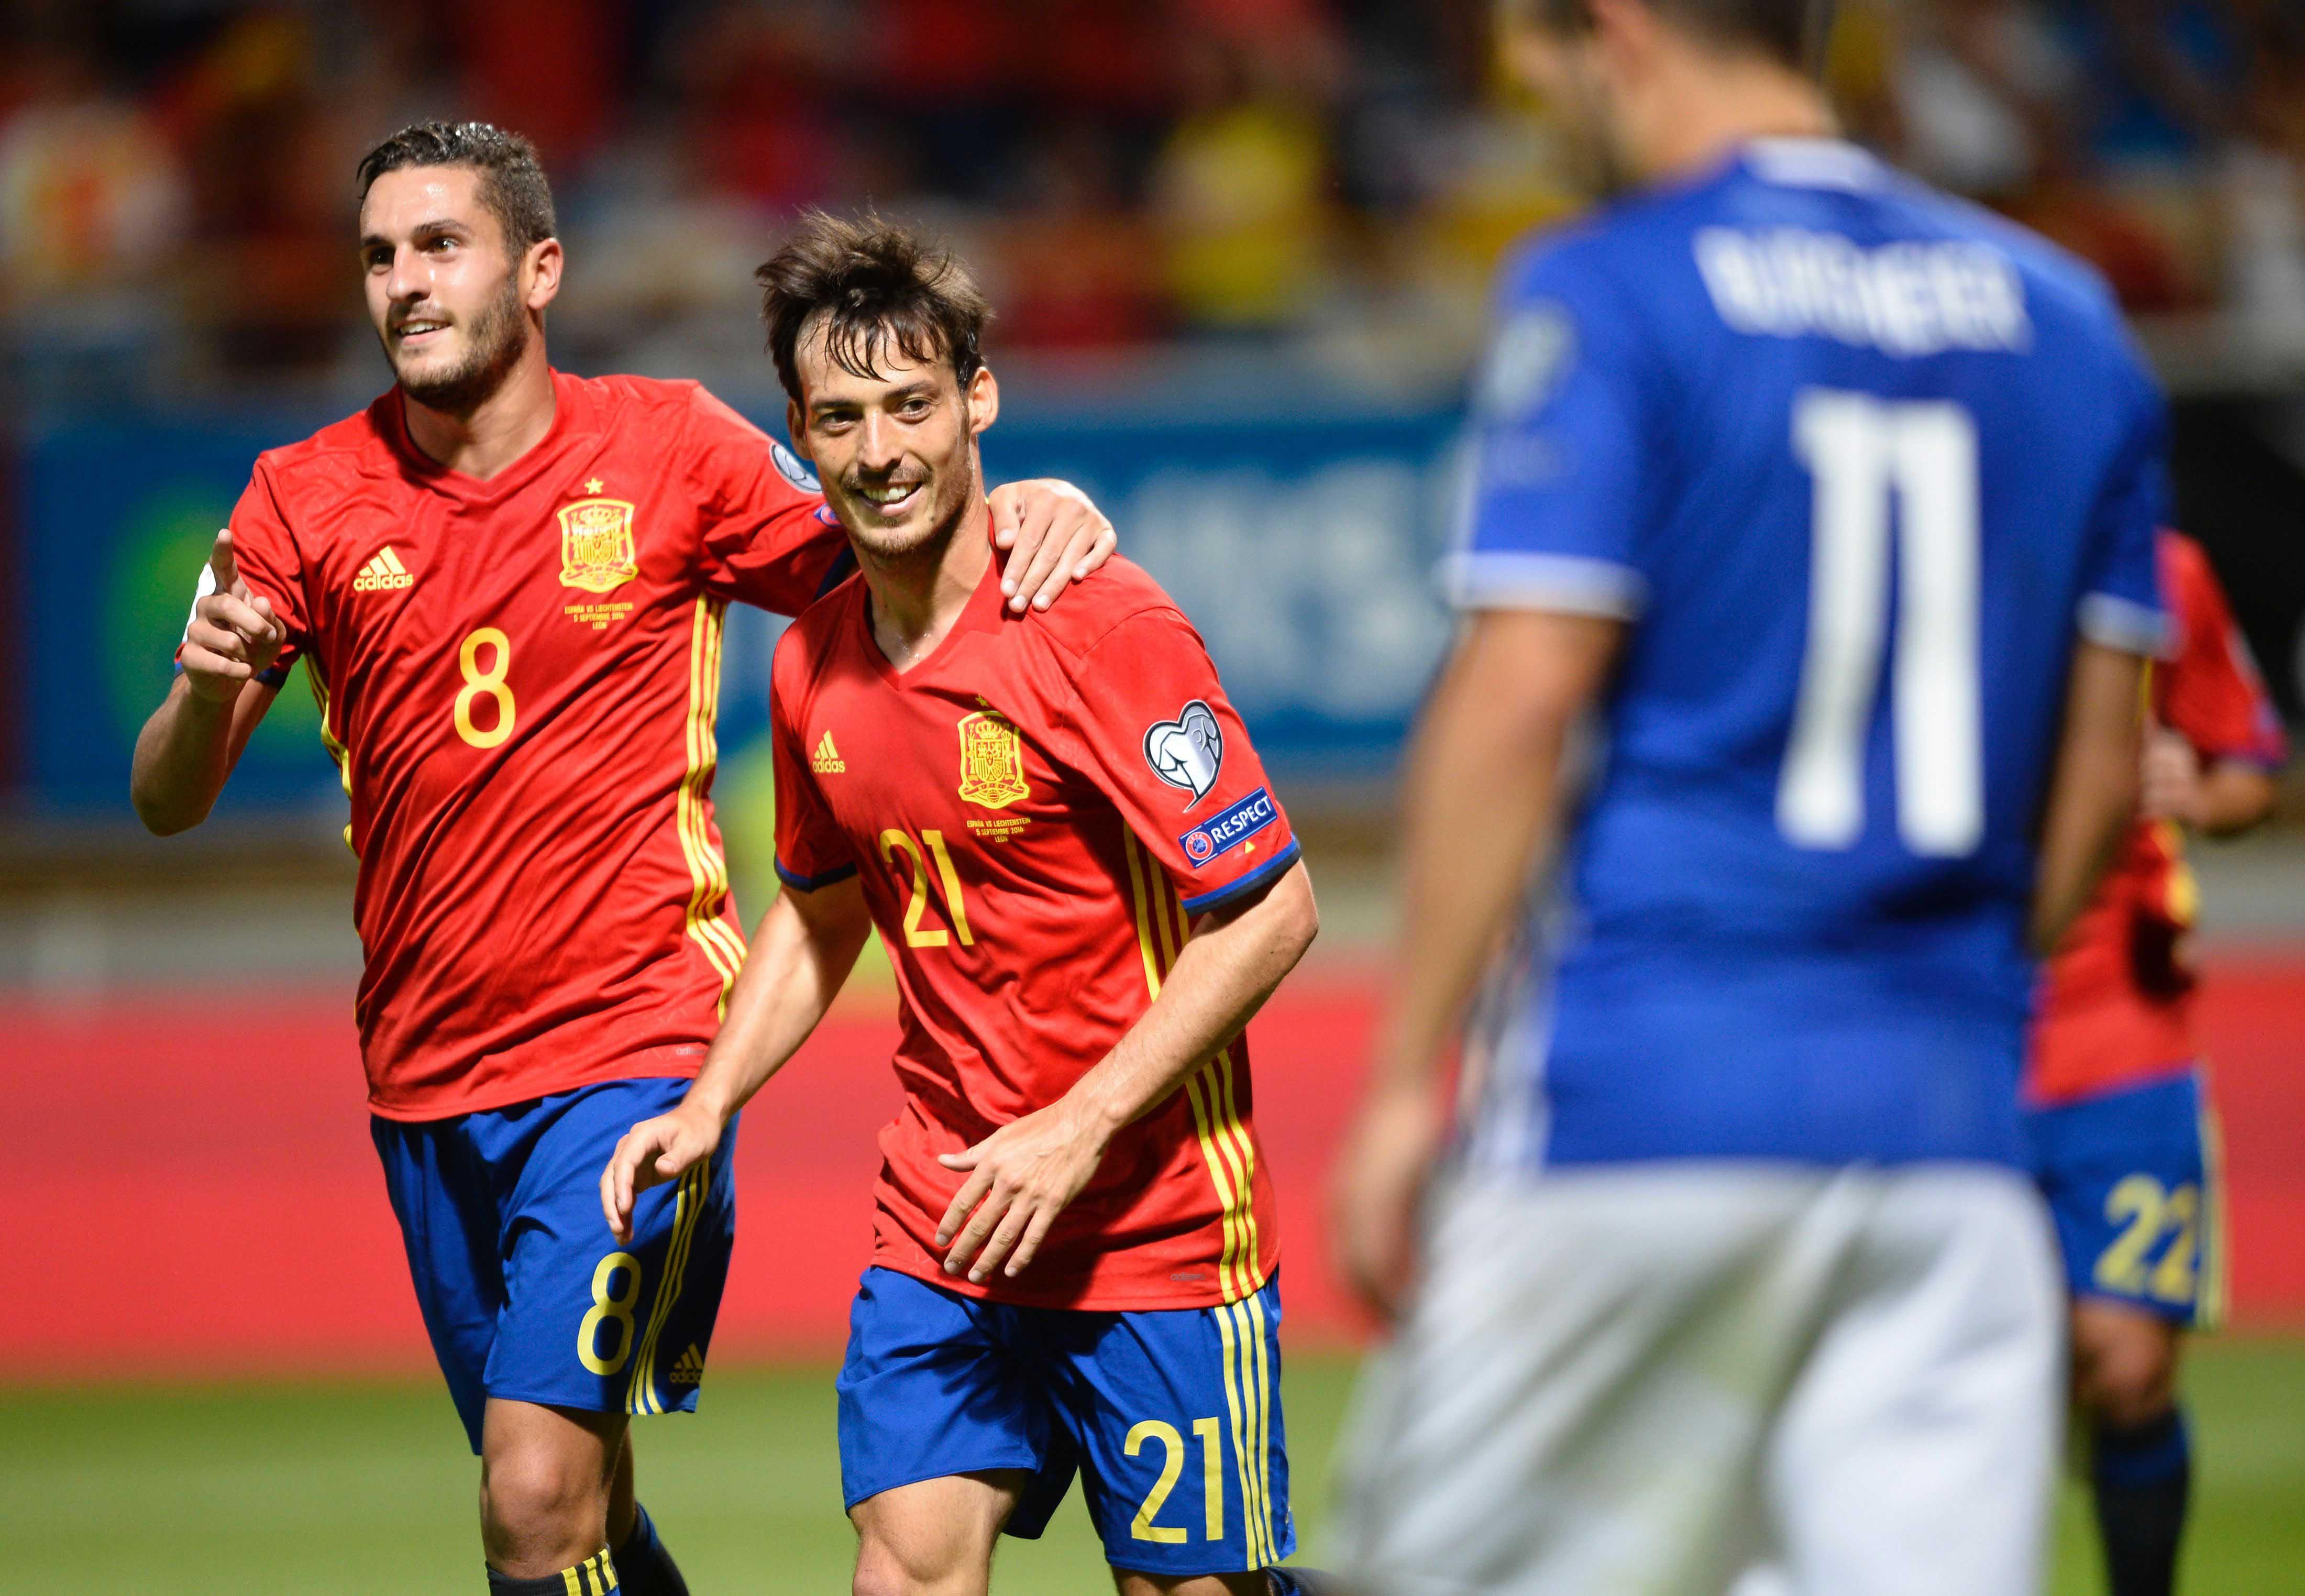 Liechtenstein vs España: la apuesta más natural es una goleada